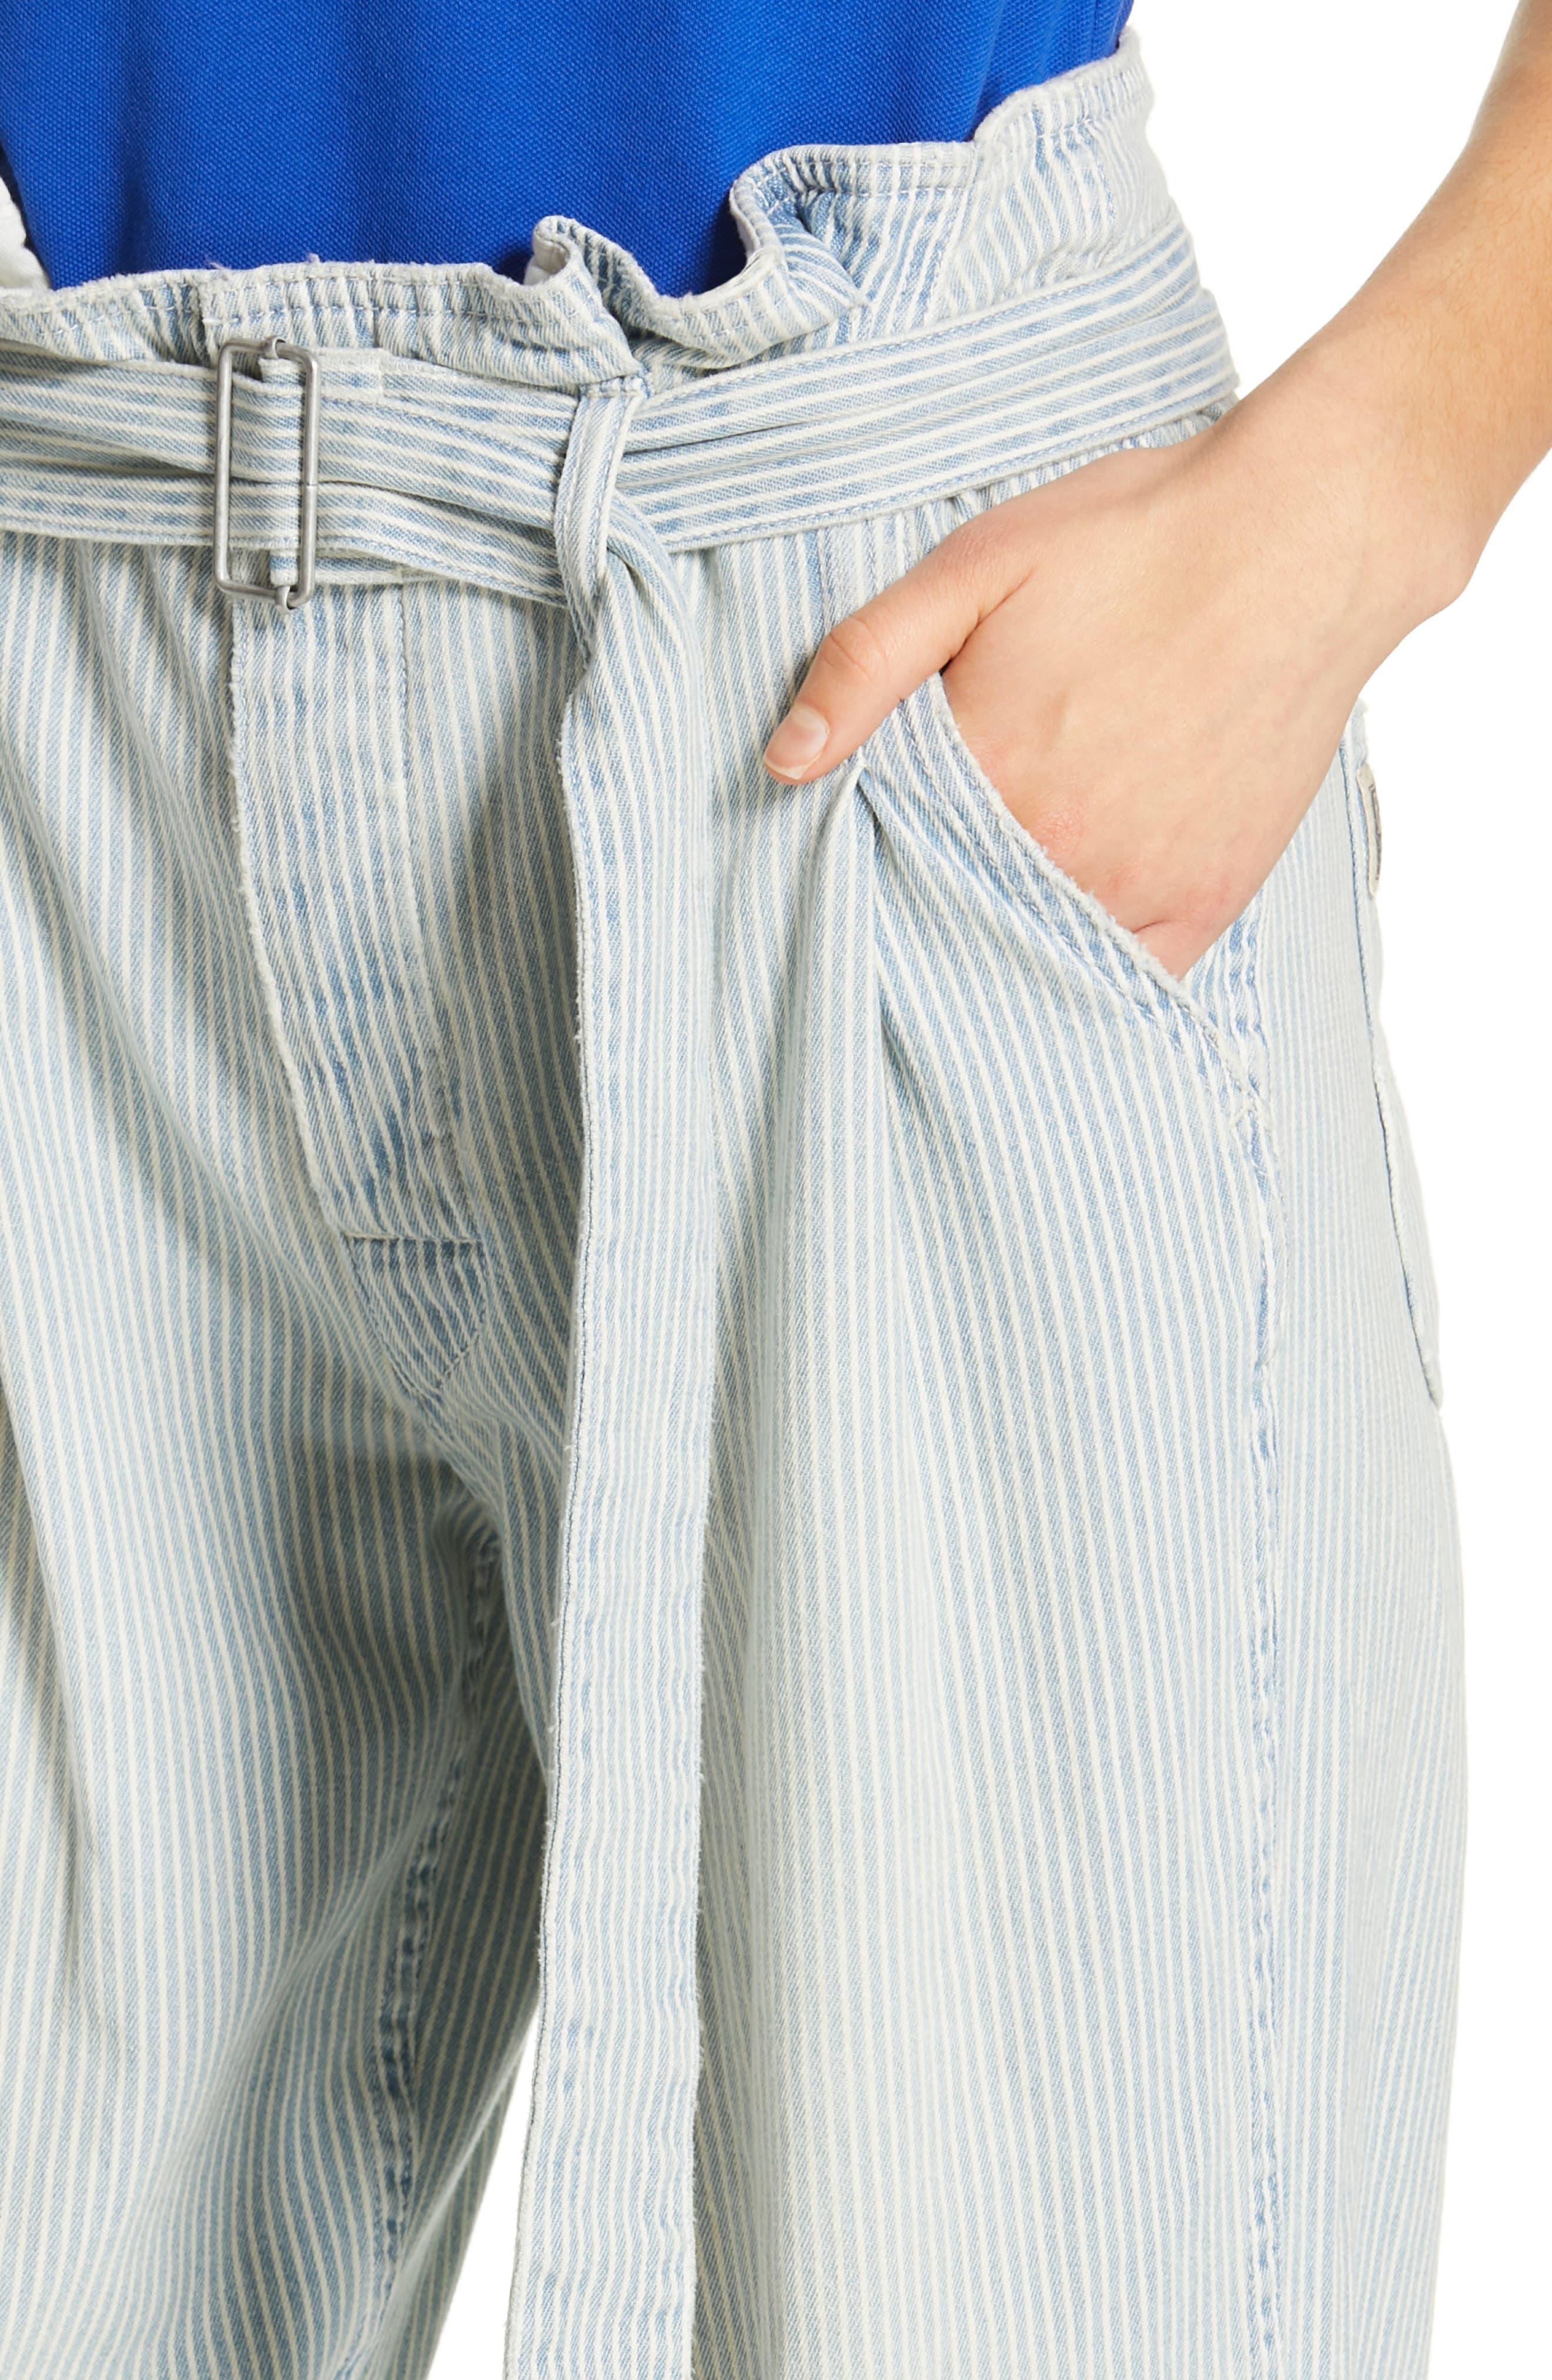 POLO RALPH LAUREN, Paperbag Waist Jeans, Alternate thumbnail 5, color, RAILROAD STRIPE